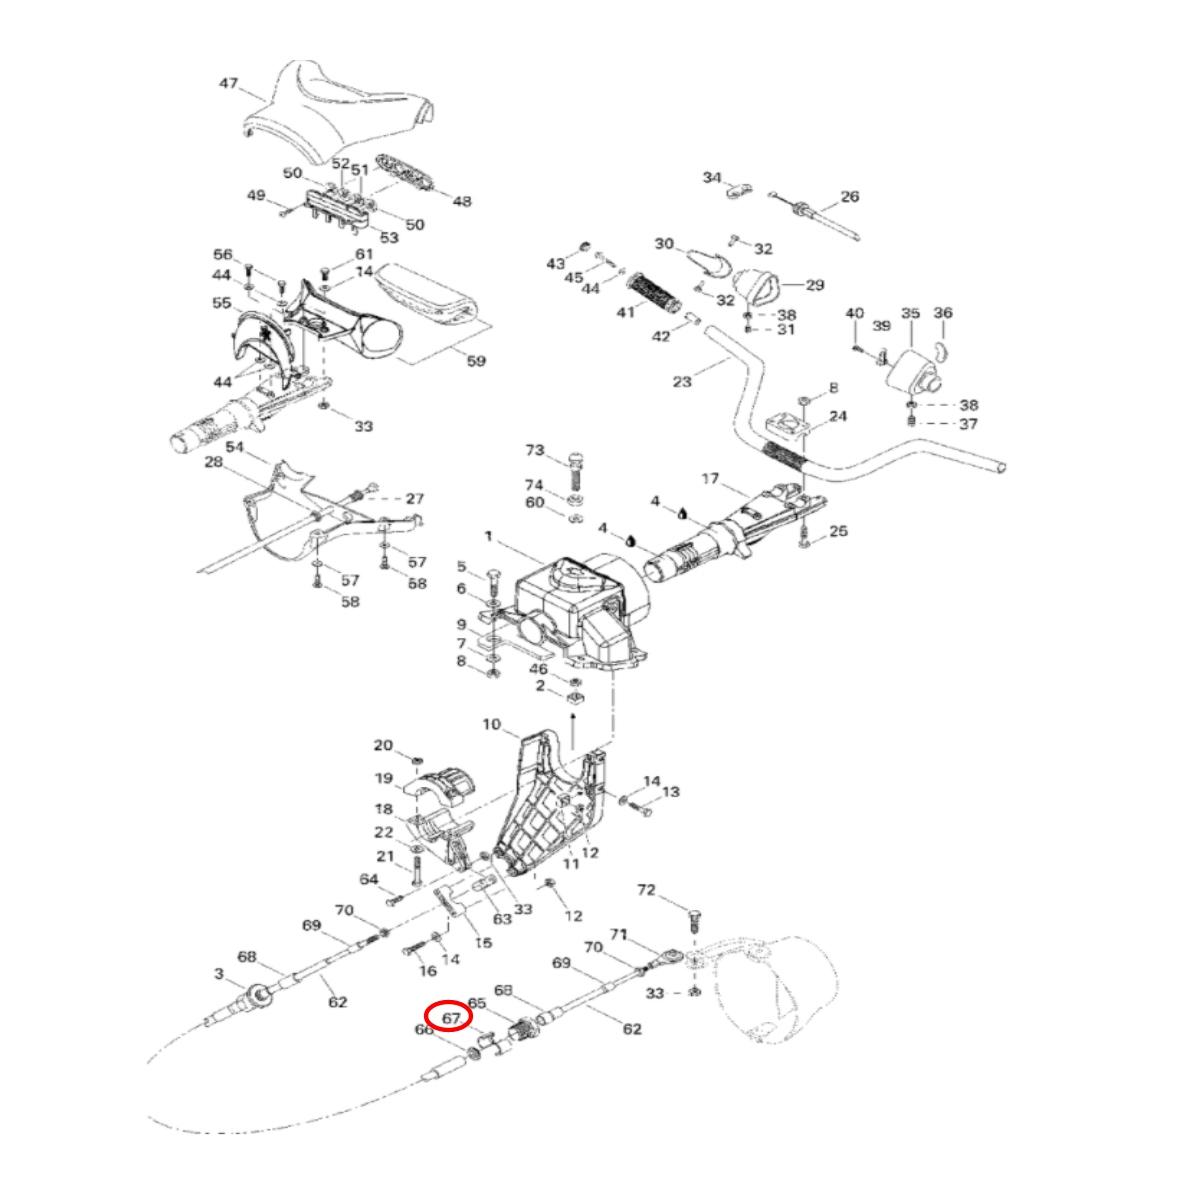 Trava Cabo de Direção Sea Doo GSX/GTX/HX/GS/GTI/GTS/XP/GS  - Radical Peças - Peças para Jet Ski